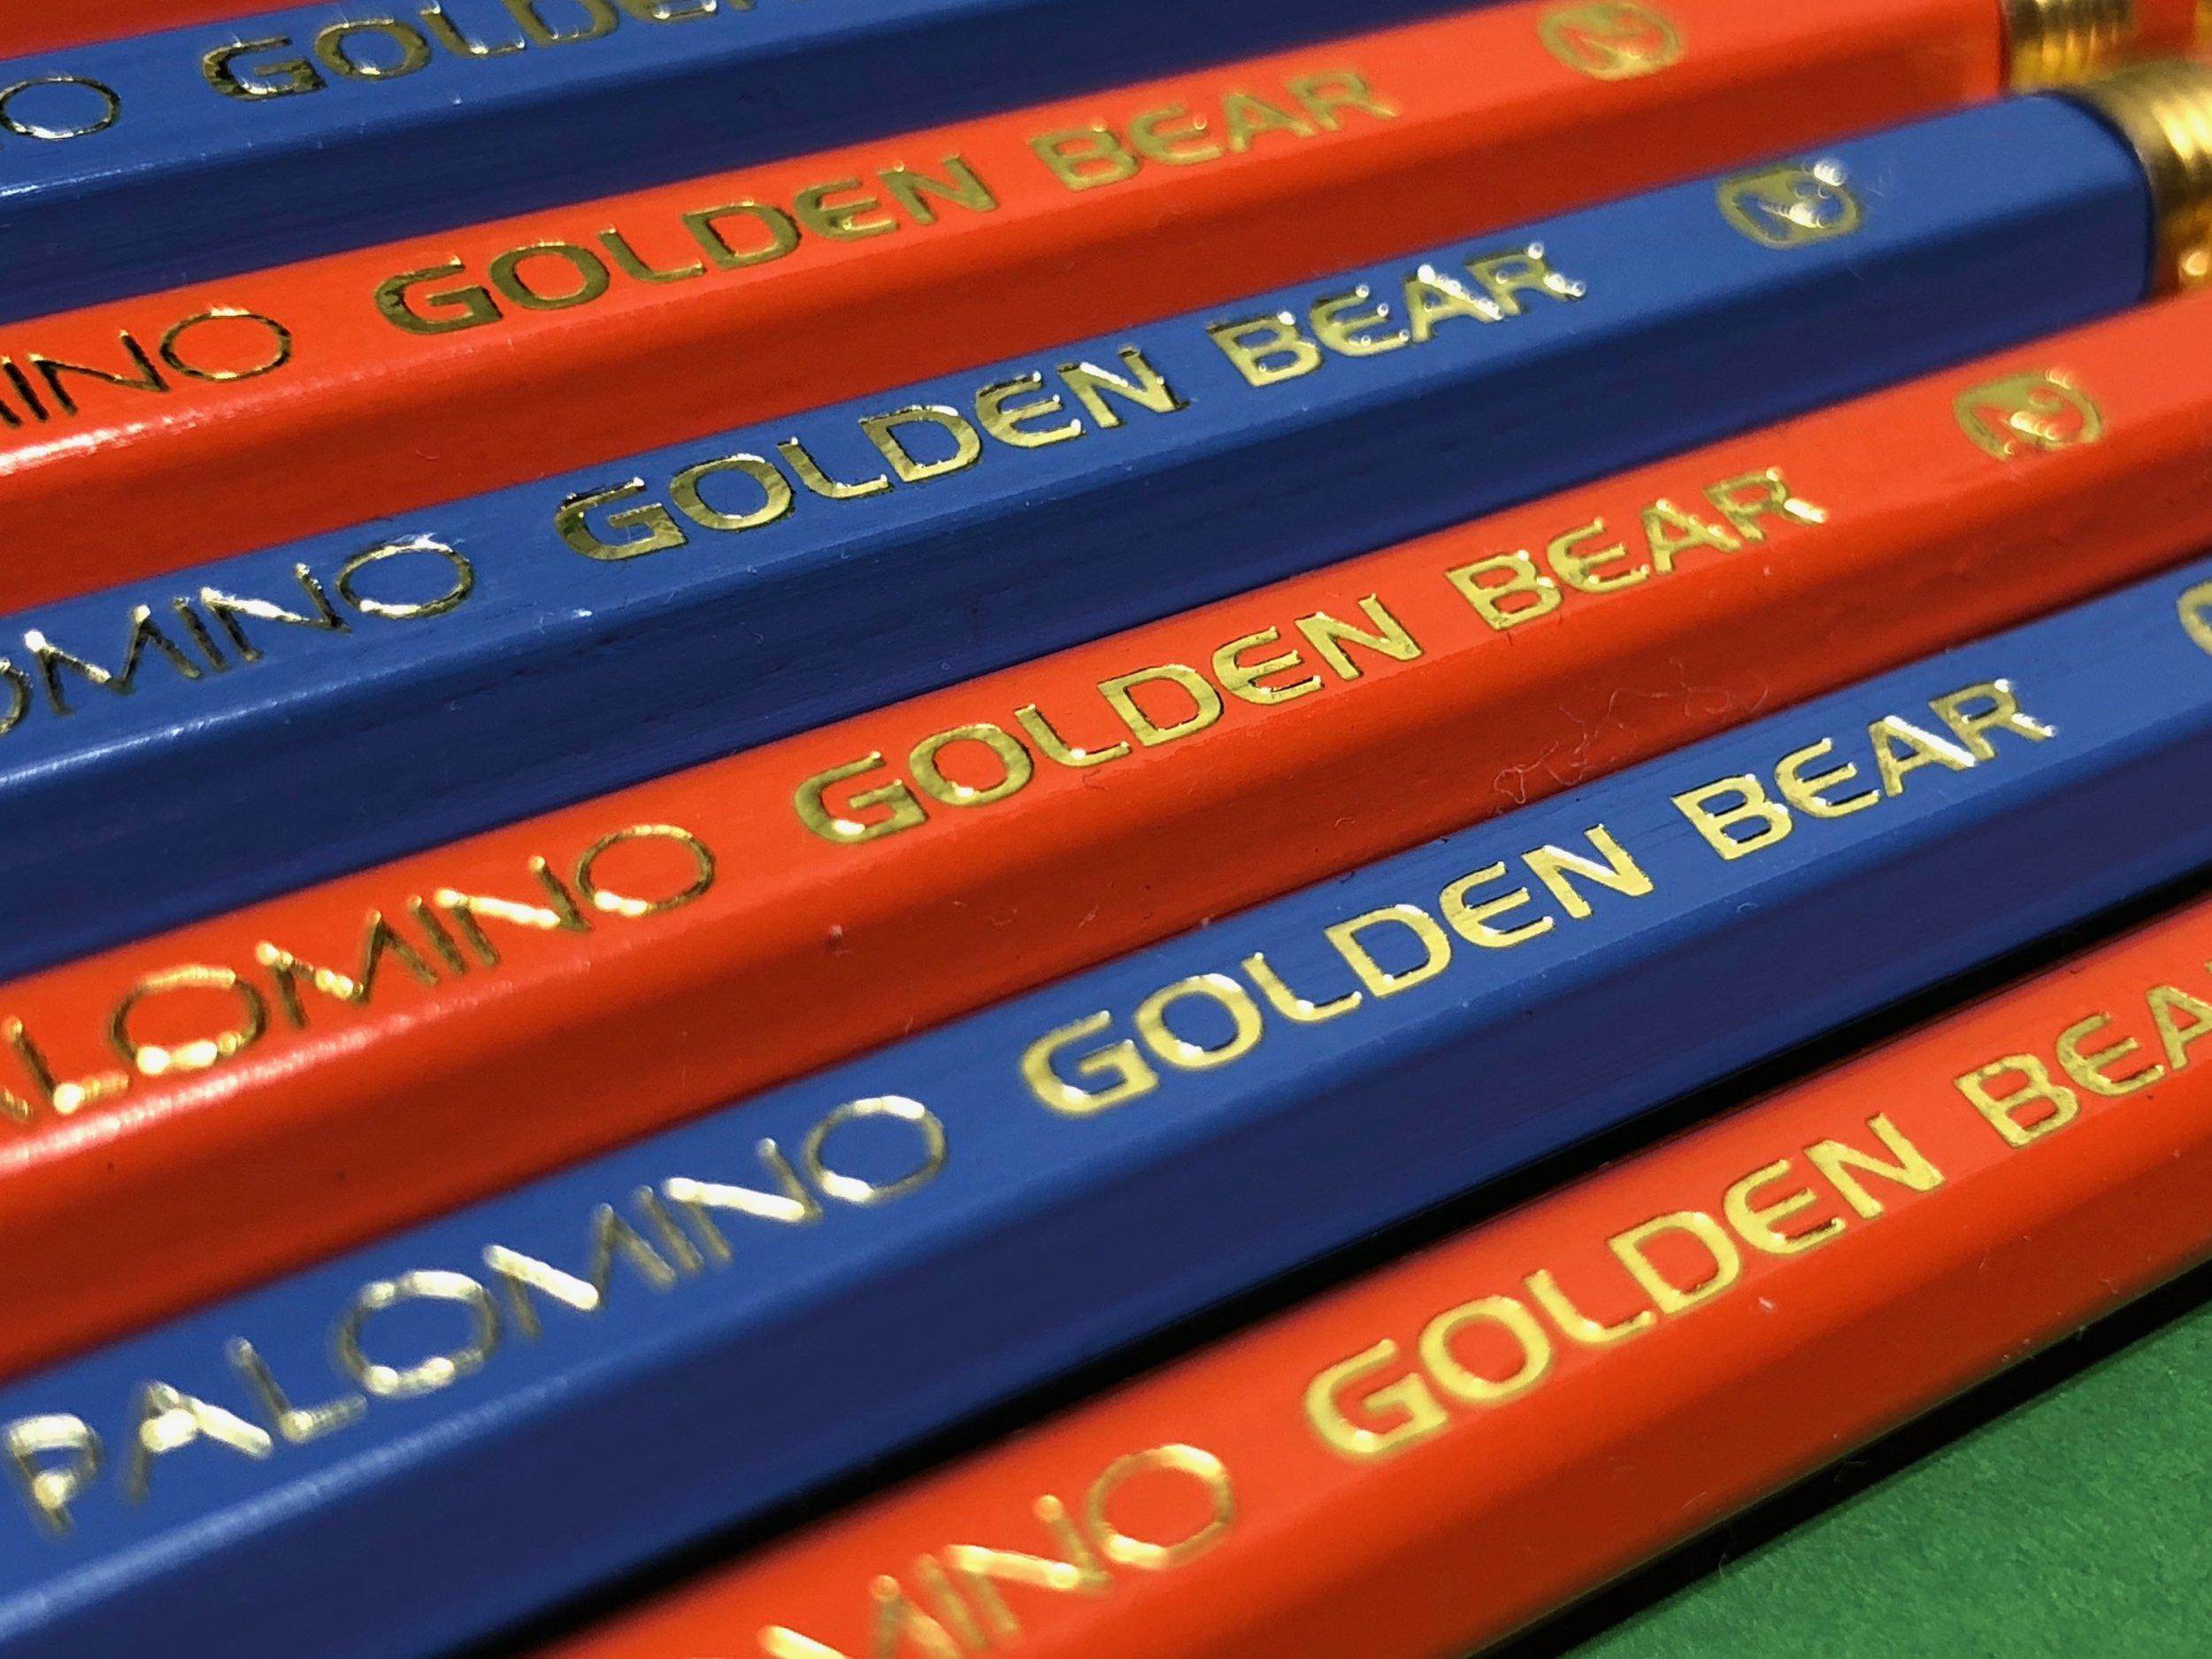 palomino-golden-bear-pencil-6.jpg